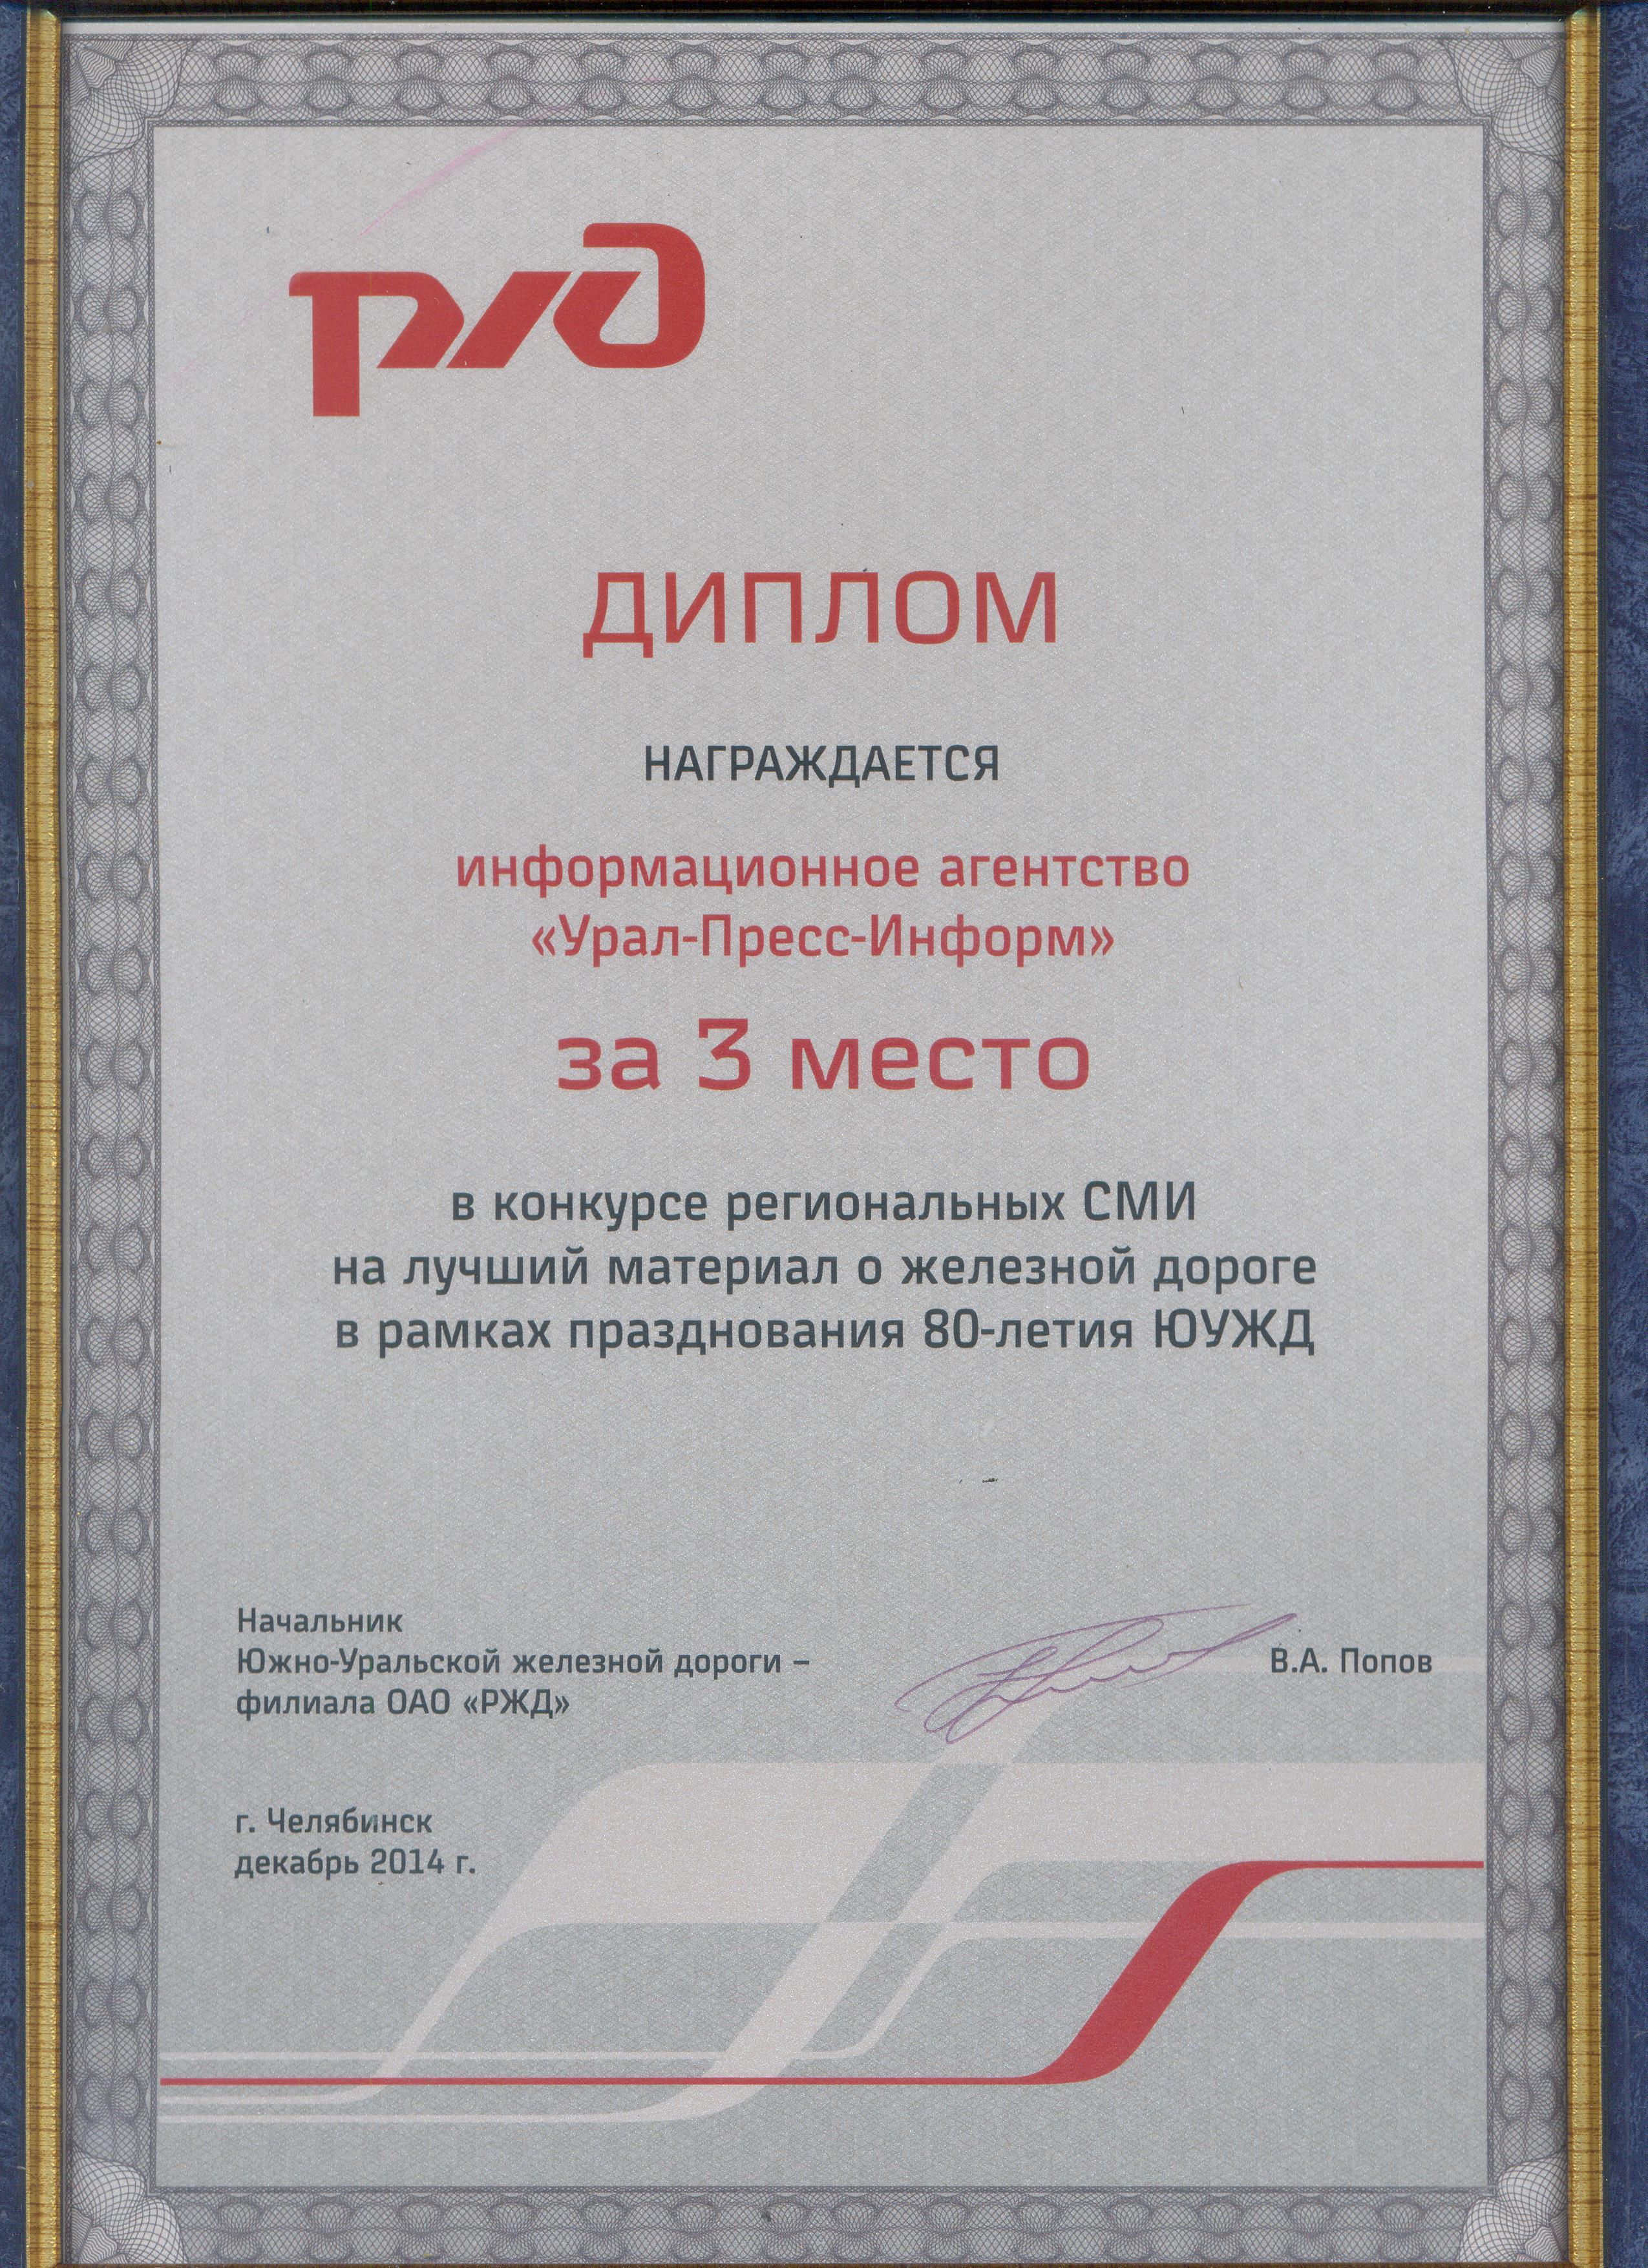 2014   ОАО «РЖД»